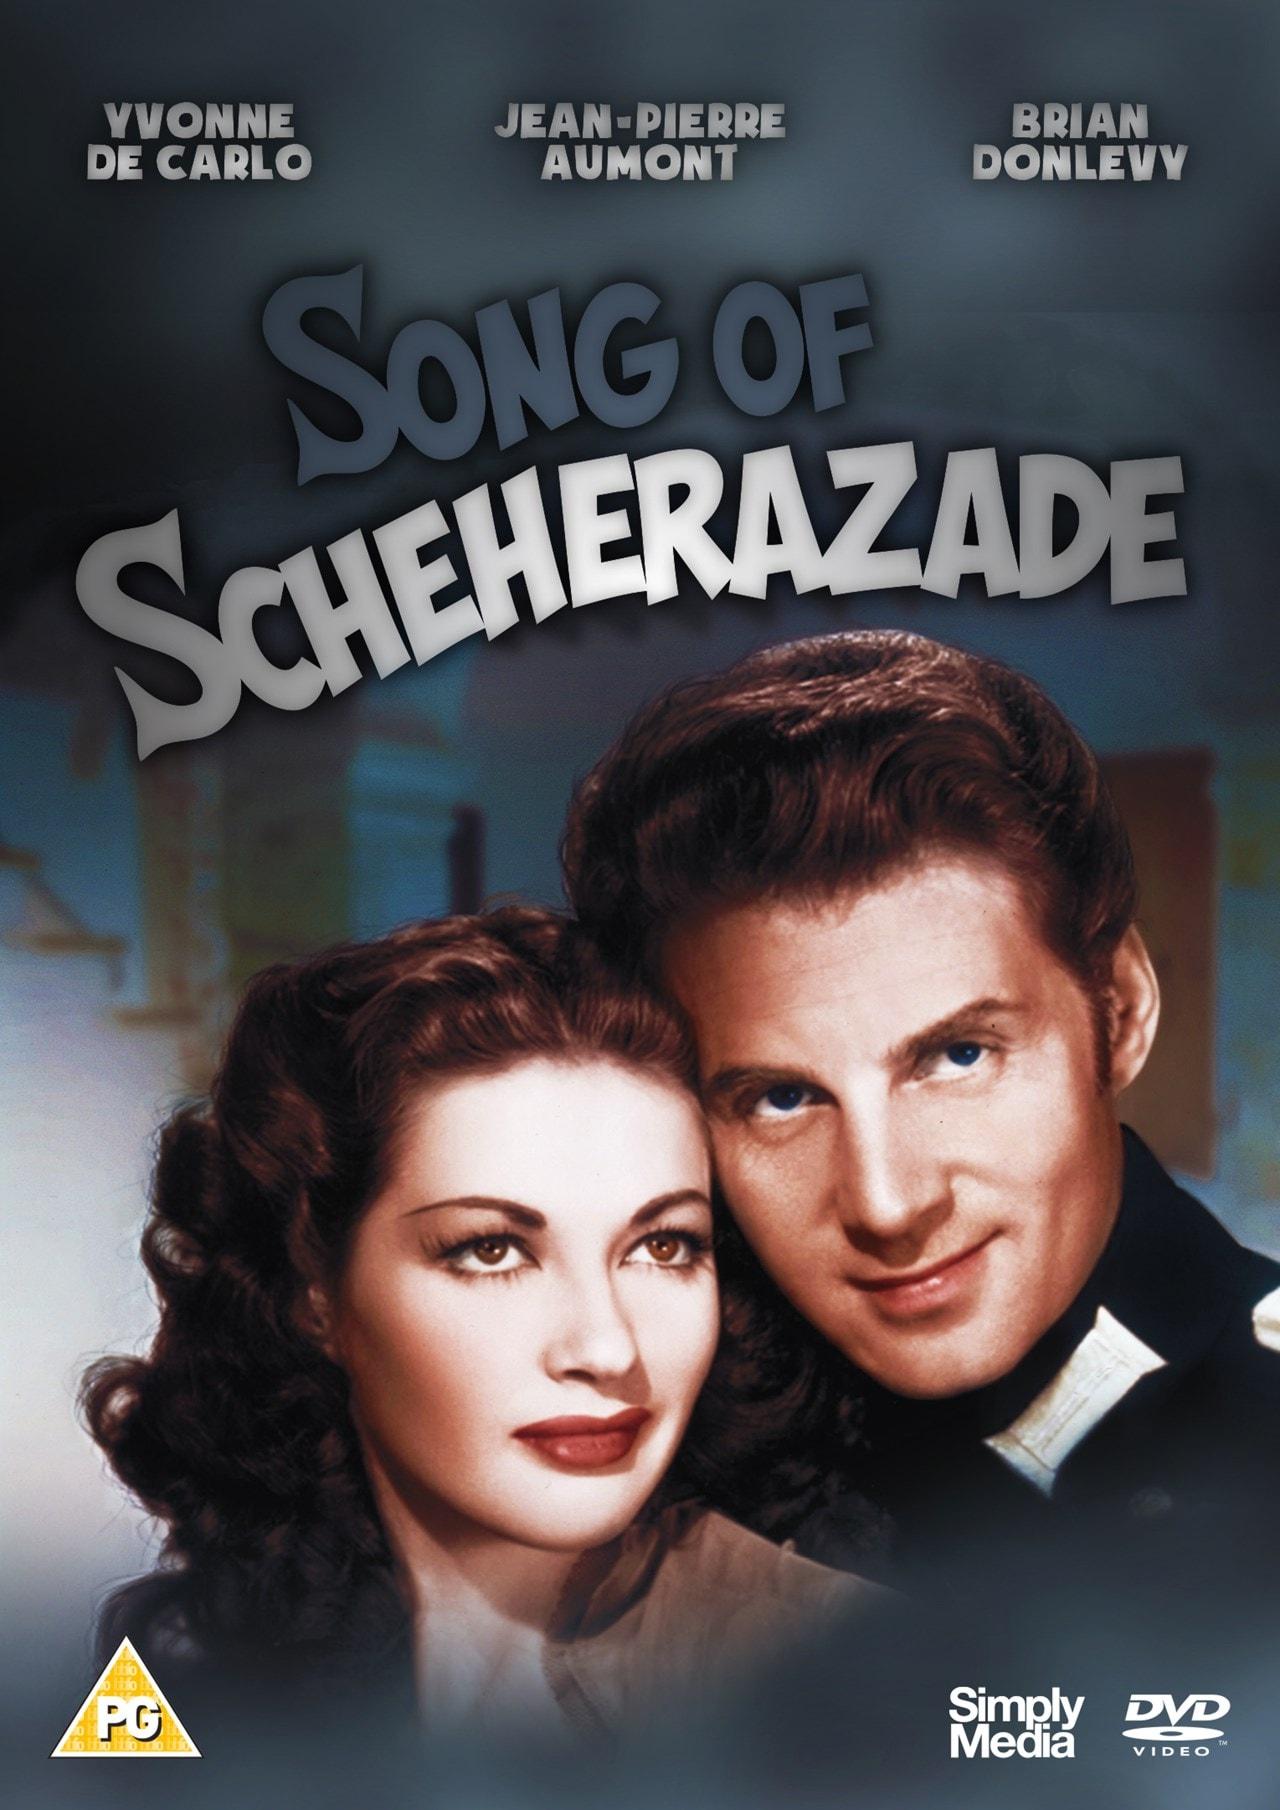 Song of Scheherazade - 1